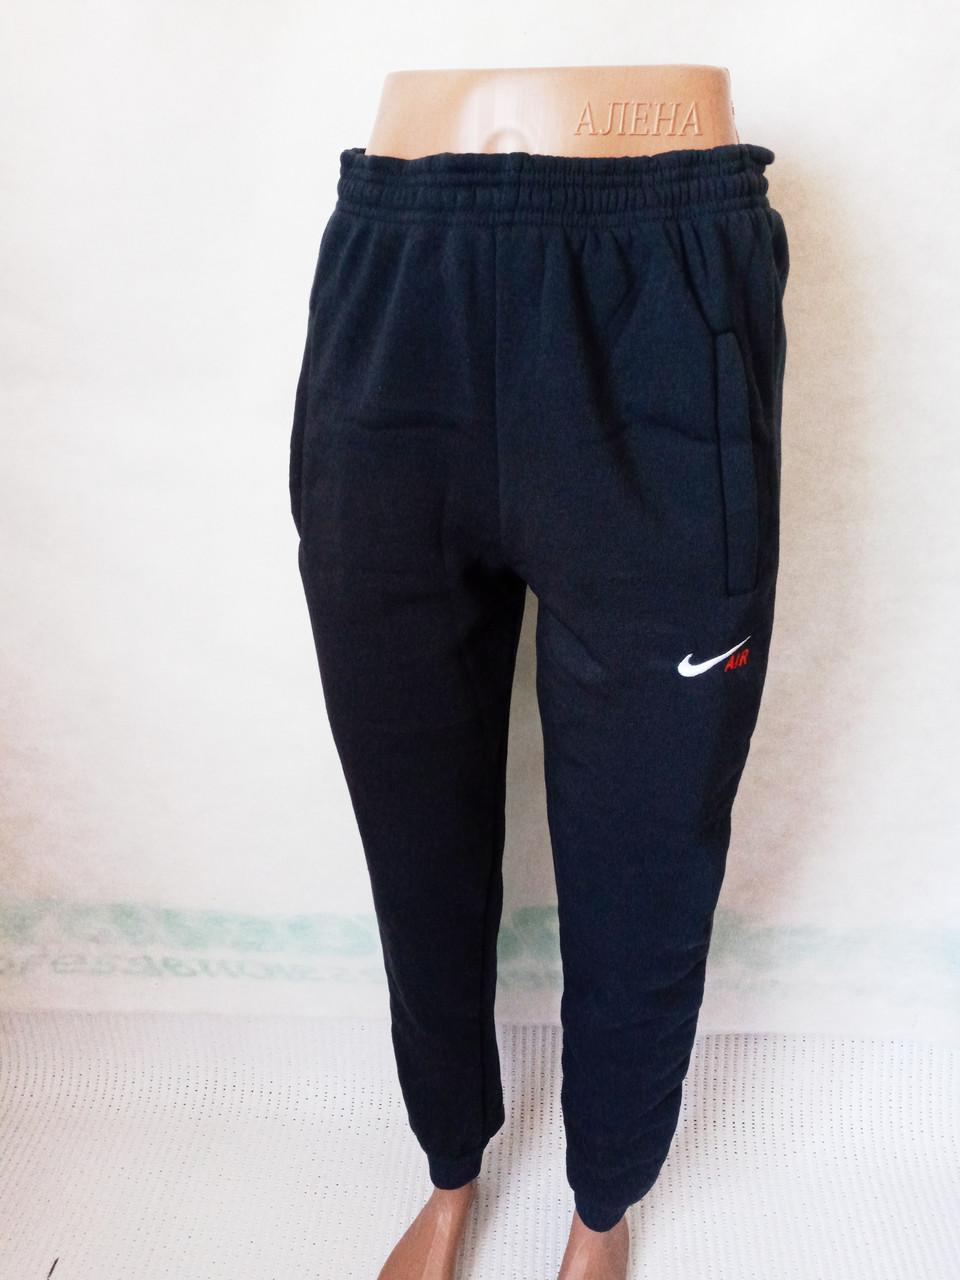 Спортивные штаны мужские на флисе манжет р.46.Цвет чёрный.